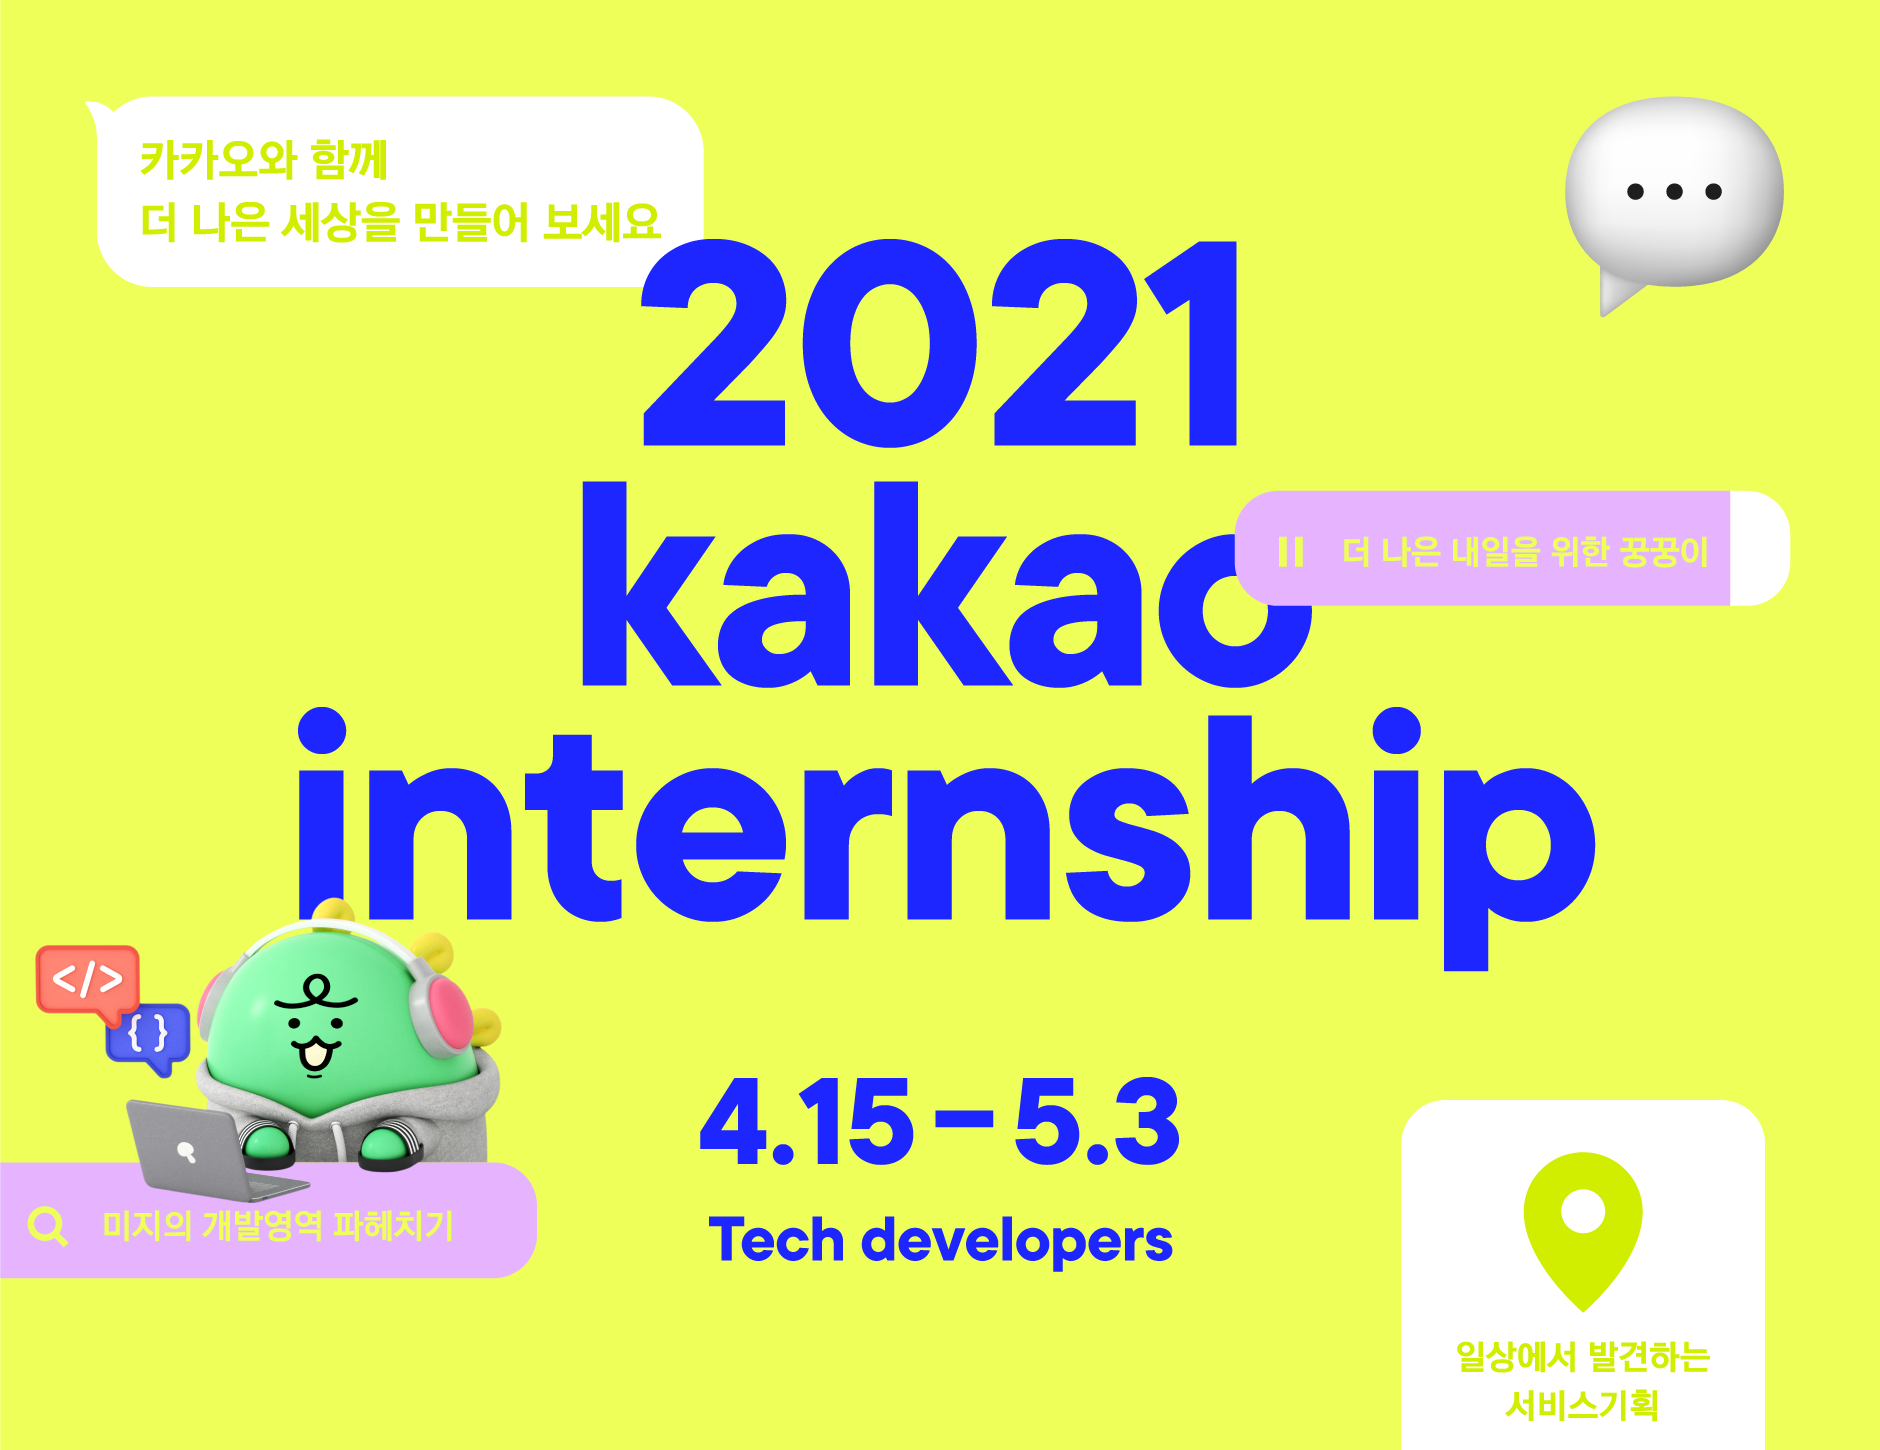 2021 kakao internship 4.15 - 5.3 Tech developers